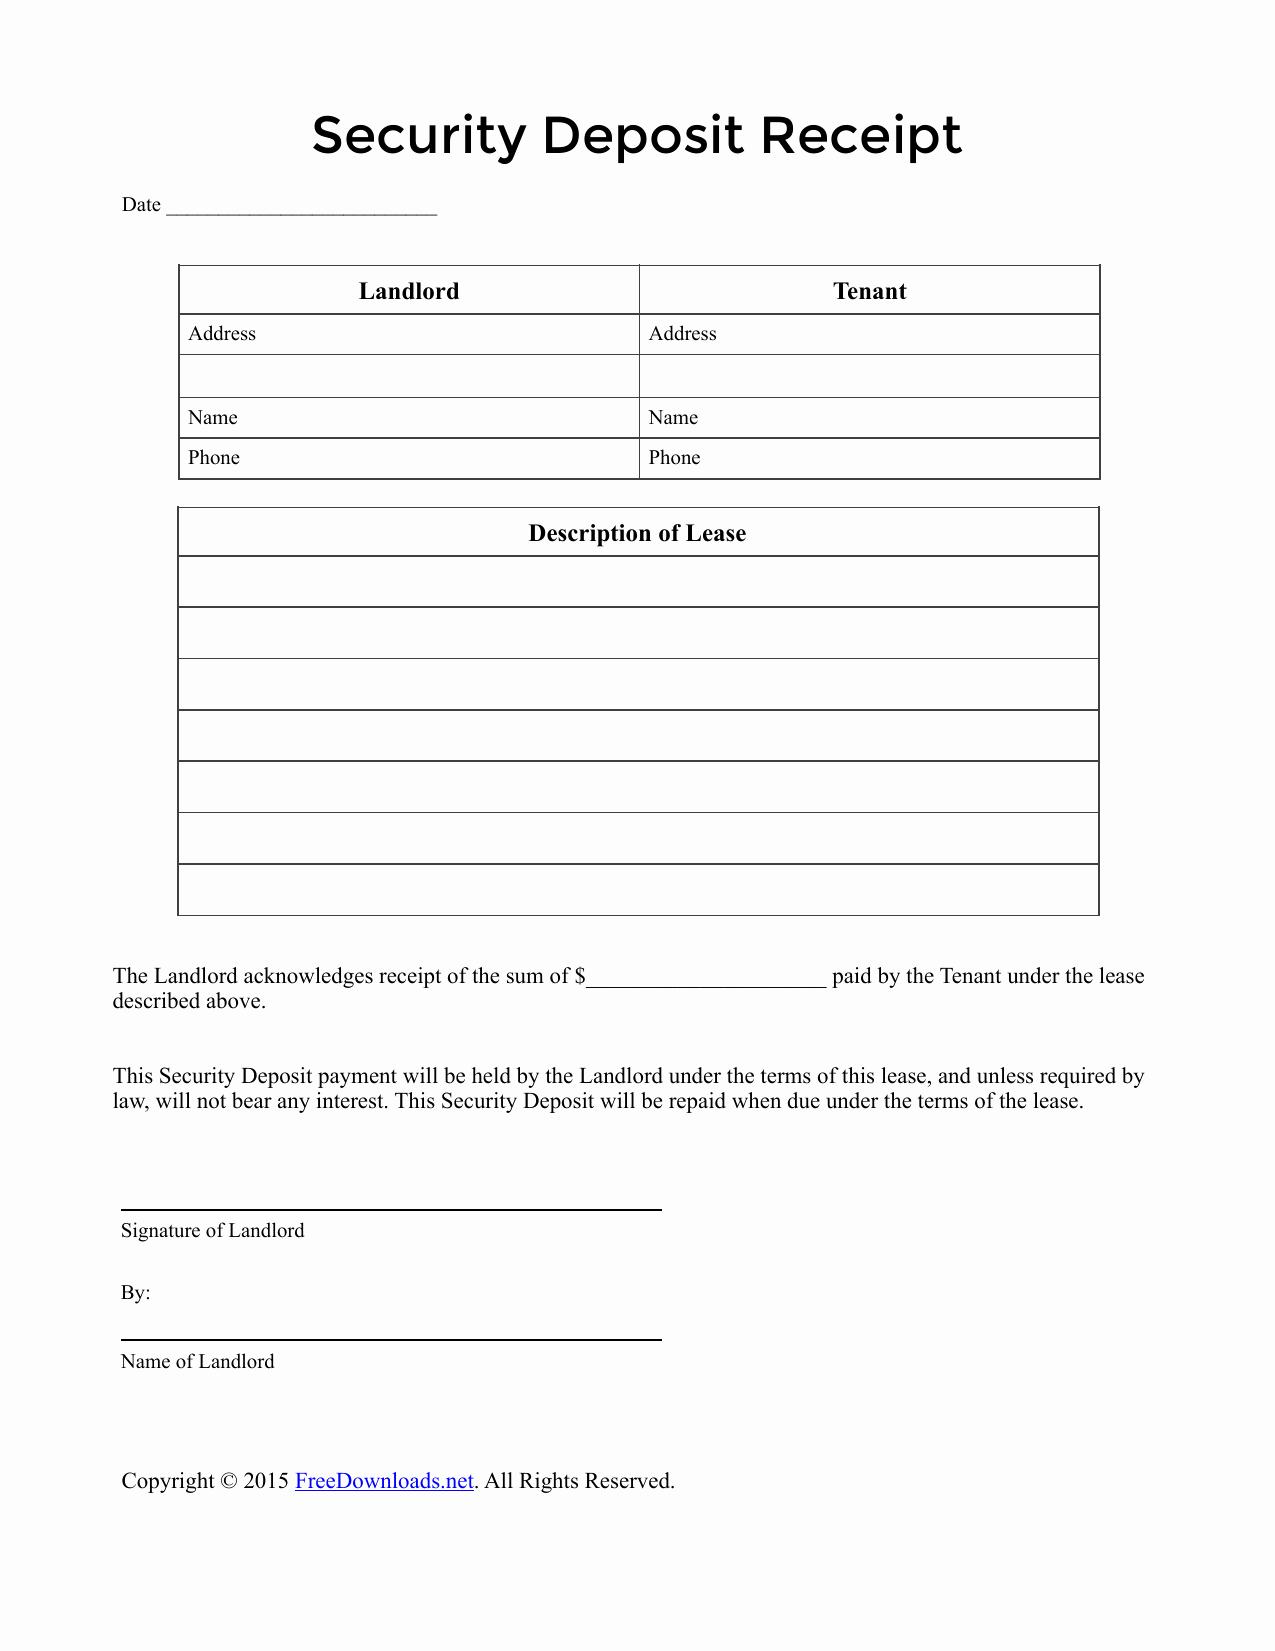 Security Deposit Letter format Unique Download Security Deposit Receipt Template Pdf